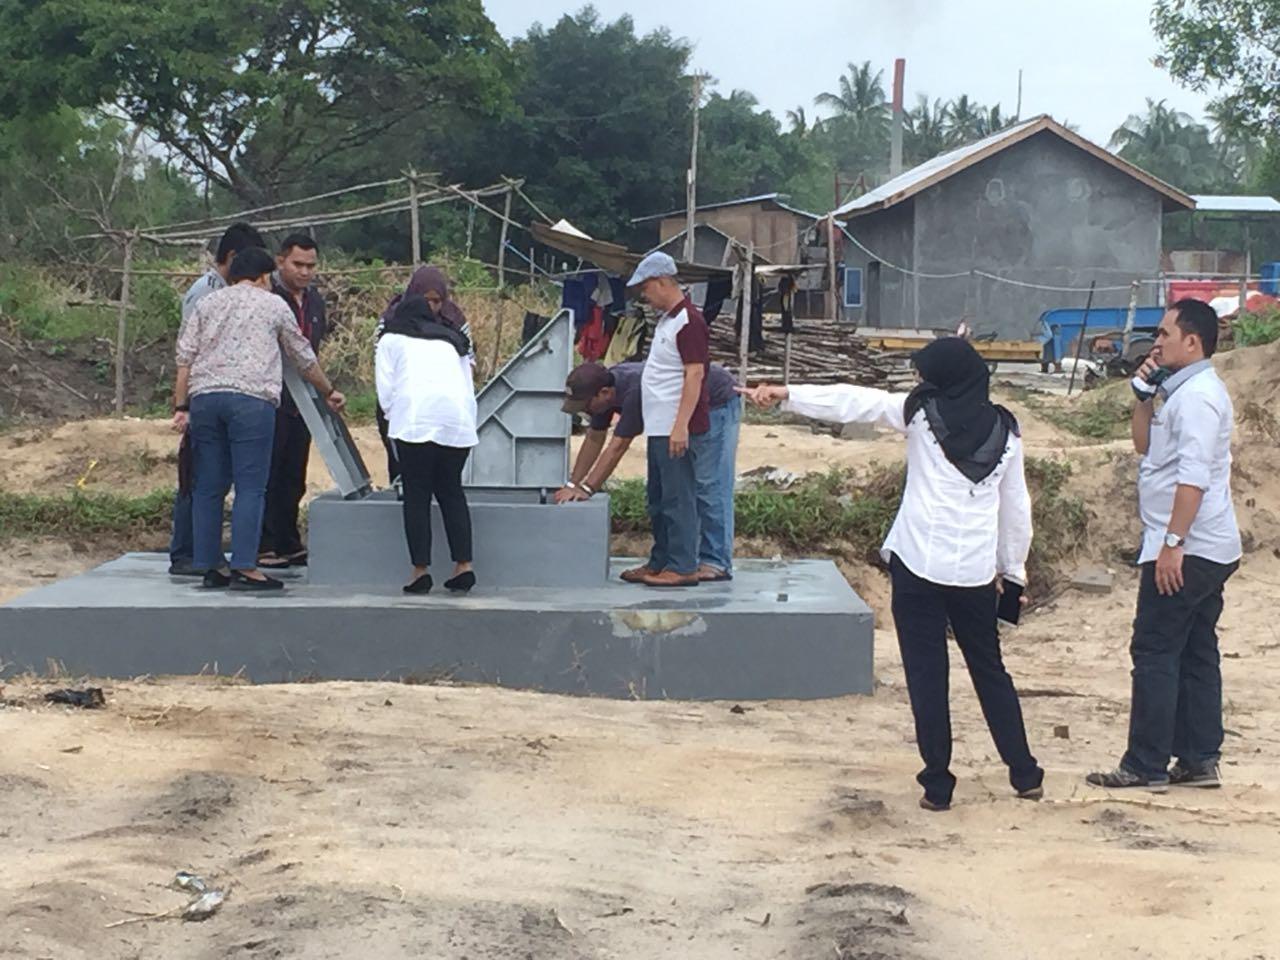 Palapa Ring Barat Siap Beroperasi Di Natuna Akhiri Paceklik Internet Produk Ukm Bumn Songket Durian Selain Untuk Pengecekan Kondisi Fisik Lapangan Tim Yang Terdiri Dari Pt Prb Moratel Dirjen Ppi Kementrian Kominfo Republik Indonesia Dan Dinas